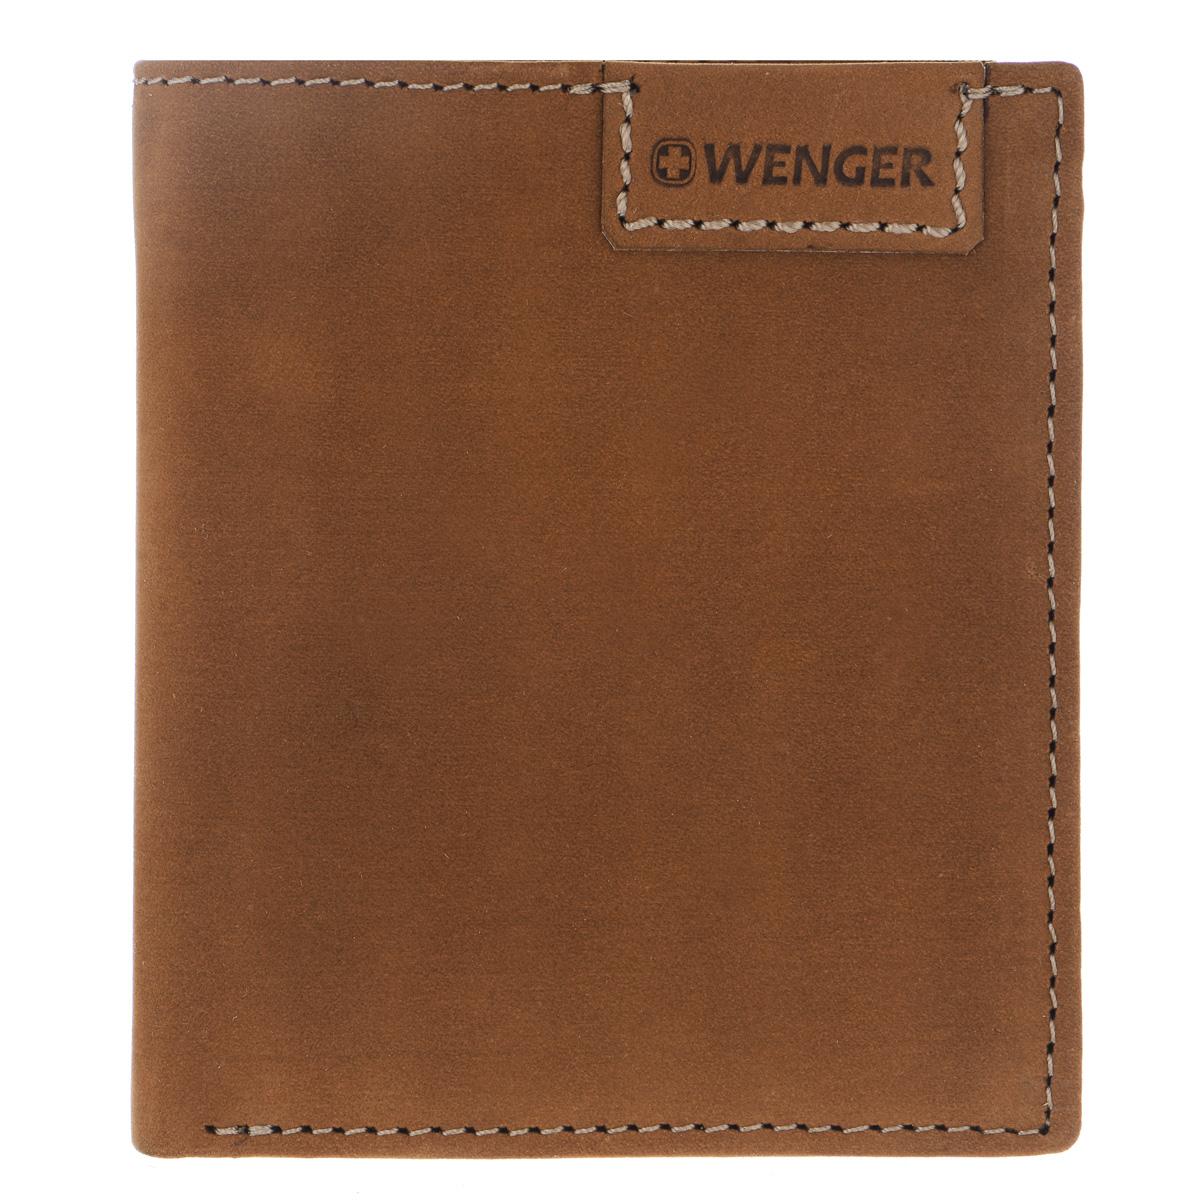 Портмоне мужское Wenger, цвет: коричневый. W11-12EQW-M710DB-1A1Стильное мужское портмоне Wenger изготовлено из натурального нубука и оформлено декоративной прострочкой, а также тиснениями в виде логотипа и названия бренда на лицевой стороне. Внутри - два отделения для купюр, отсек для мелочи на замке-кнопке, два боковых кармана и три прорези для визиток и кредитных карт. Изюминкой модели является то, что часть отсеков портмоне закрыто хлястиком на кнопку: сетчатый карман, боковой карман и три прорези для визиток и кредитных карт.Портмоне упаковано в изысканную фирменную коробку.Модное портмоне Wenger не оставит равнодушным истинного ценителя прекрасного.По всем вопросам гарантийного и постгарантийного обслуживания рюкзаков, чемоданов, спортивных и кожаных сумок, а также портмоне марок Wenger и SwissGear вы можете обратиться в сервис-центр, расположенный по адресу: г. Москва, Саввинская набережная, д.3. Тел: (495) 788-39-96, (499) 248-56-56, ежедневно с 9:00 до 21:00. Подробные условия гарантийного обслуживания приведены в гарантийном талоне, поставляемым в комплекте с каждым изделием. Бесплатный ремонт изделий производится при условии предоставления гарантийного талона и товарного/кассового чека, подтверждающего дату покупки.